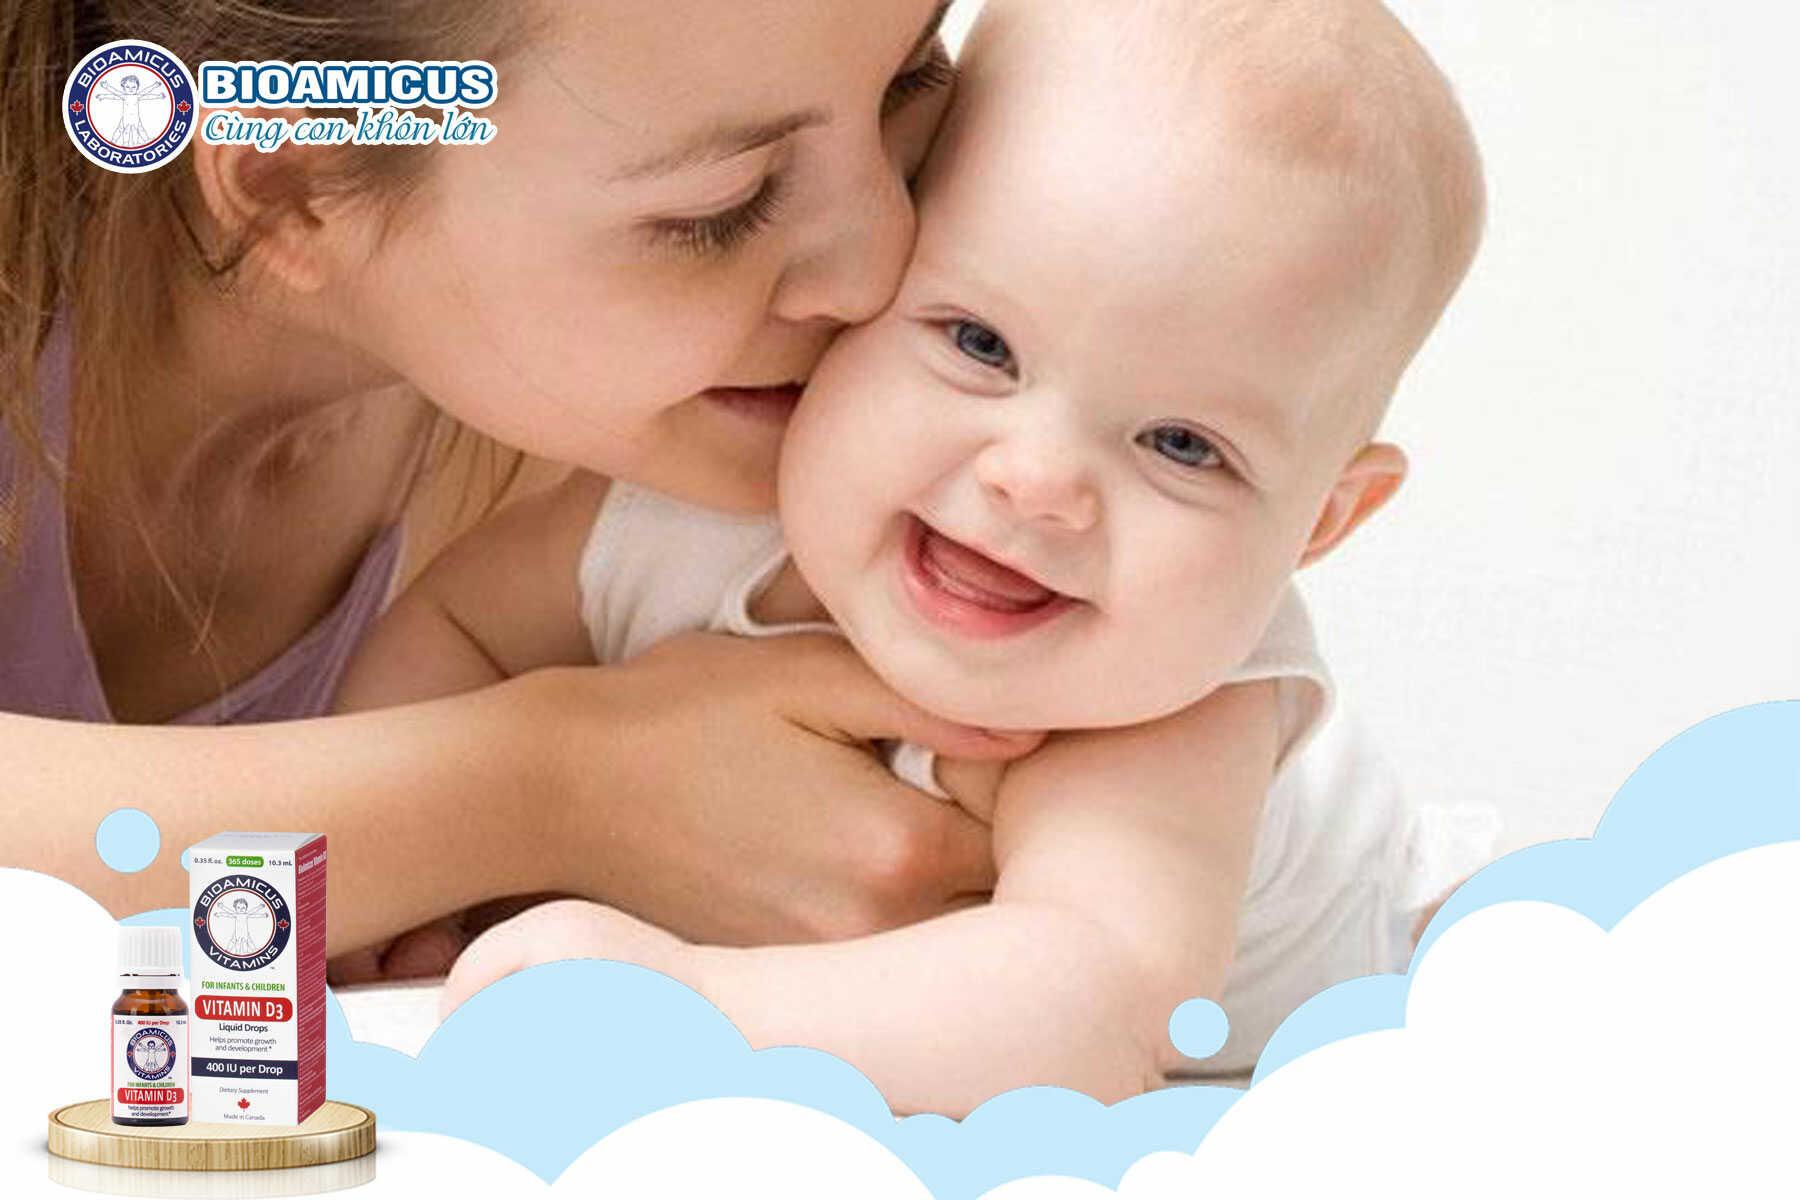 Có nên cho trẻ sơ sinh uống Vitamin D3